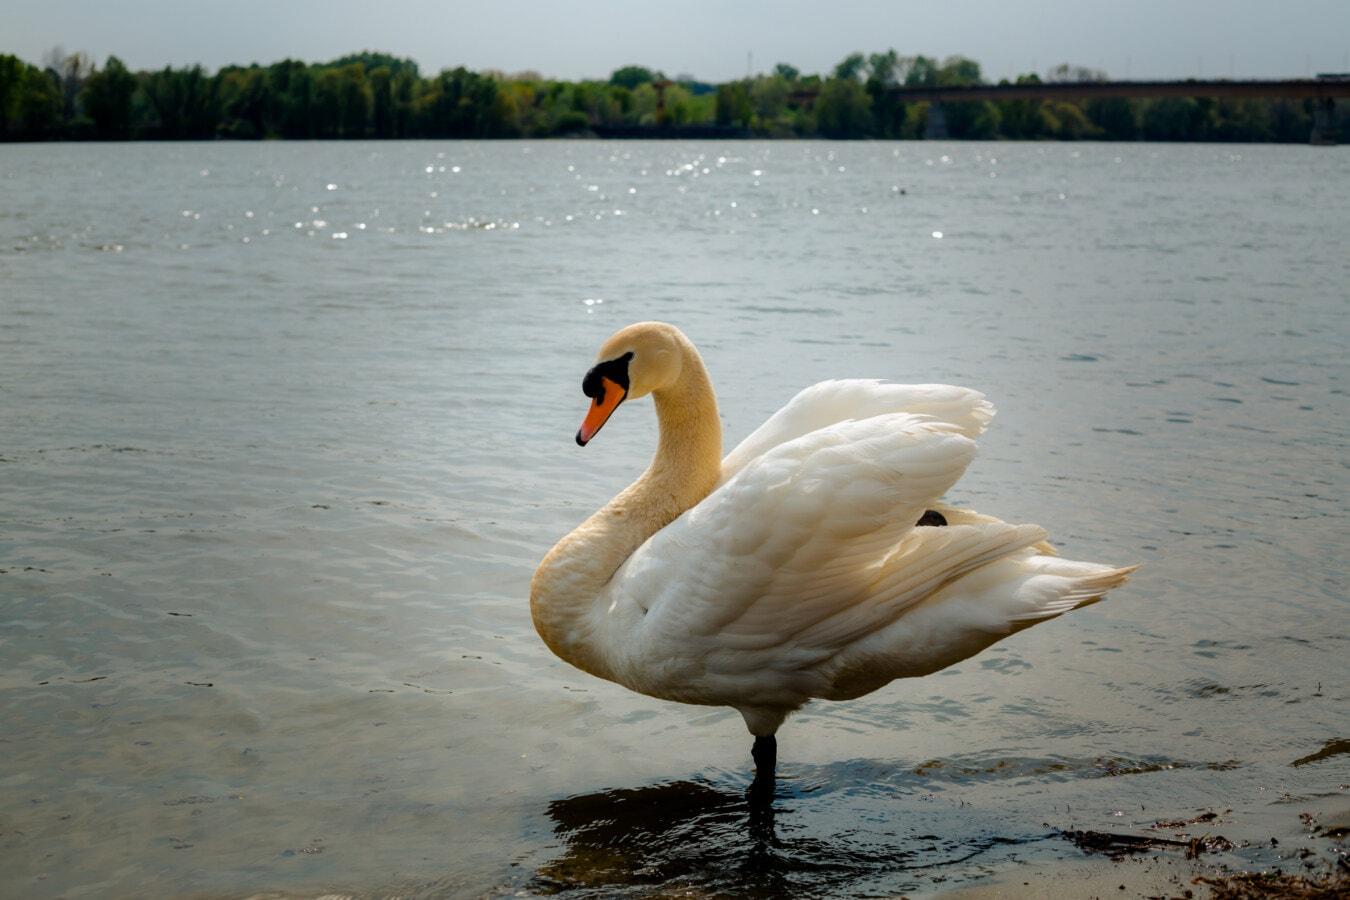 soleggiato, Cigno, Riva del fiume, SideShow, animale, Grazia, Ali, spettacolare, uccello, acqua